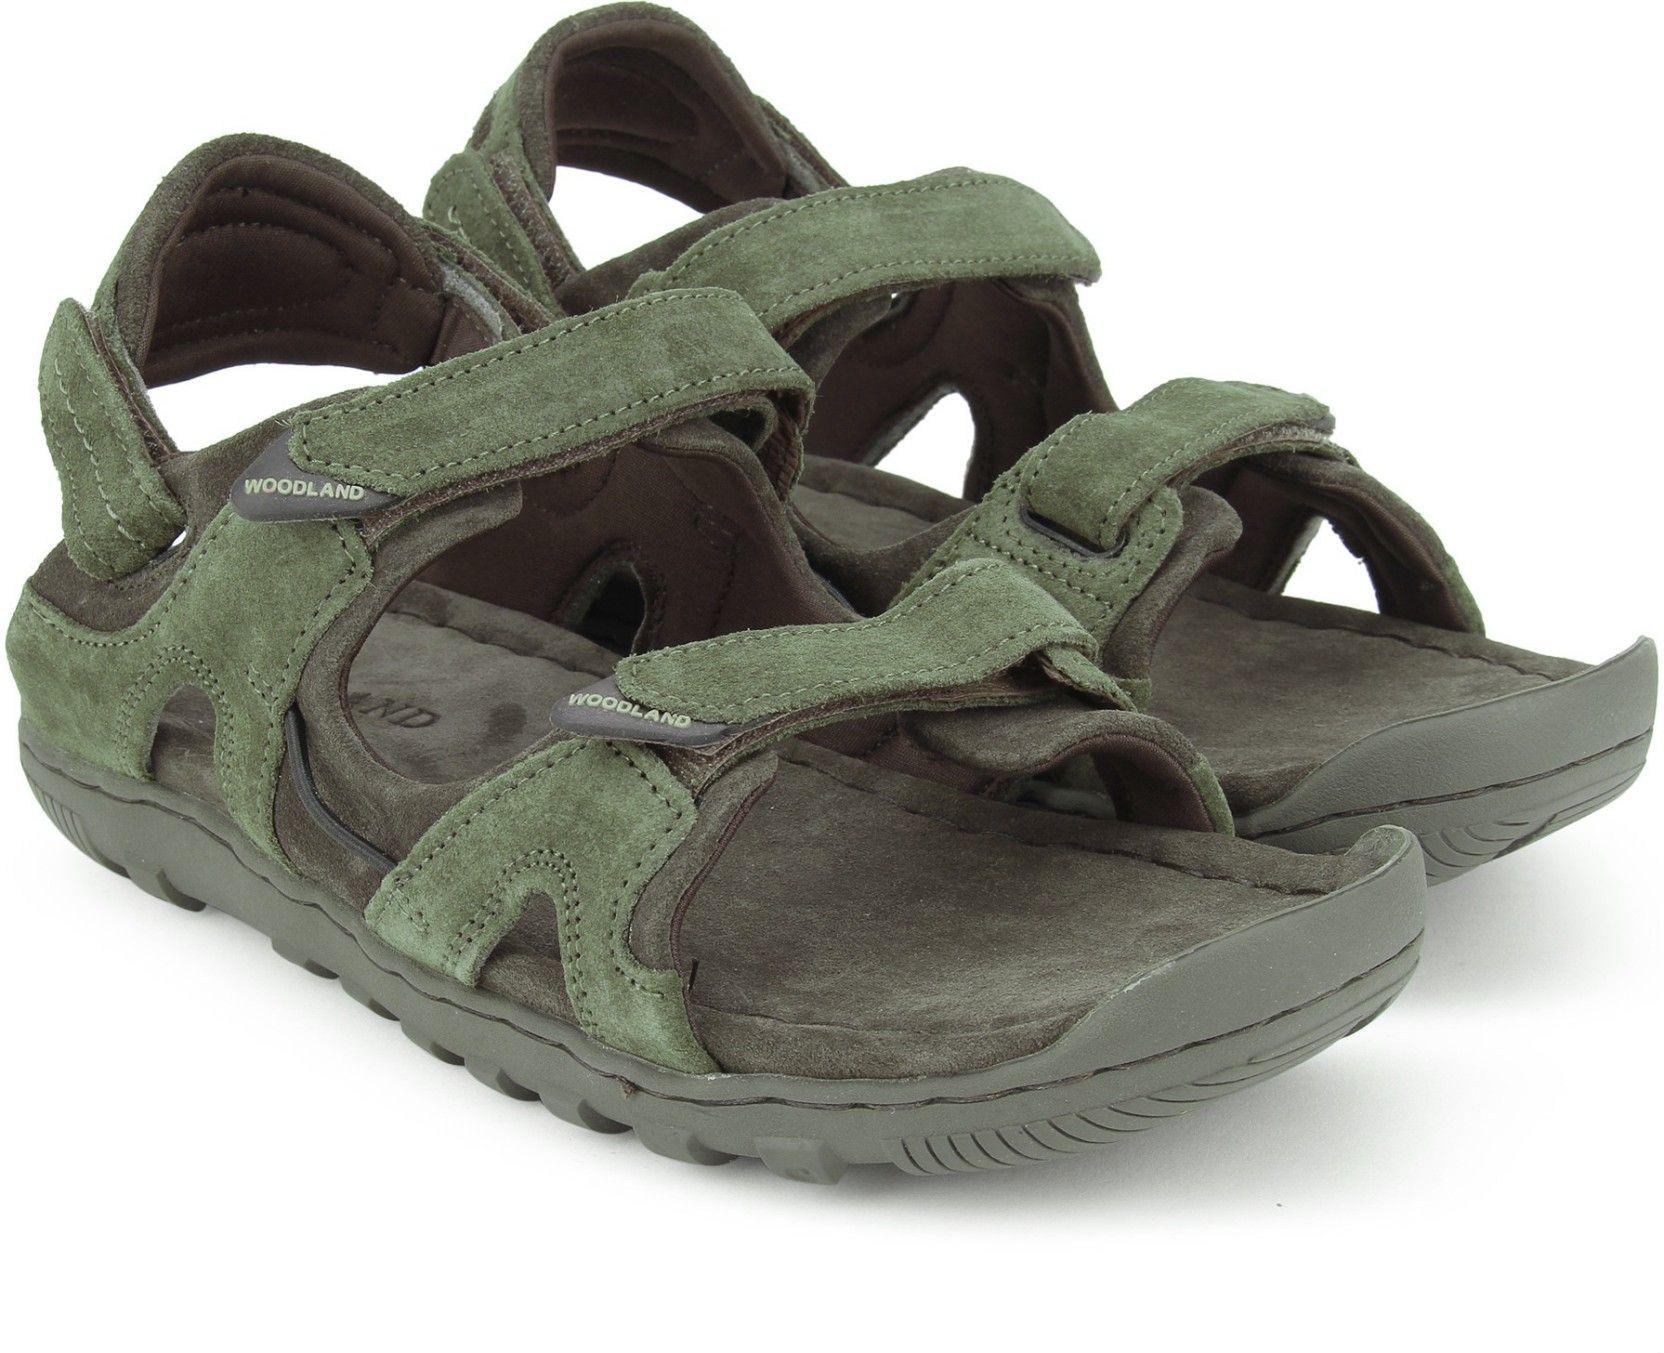 Woodland Men Olive GREEN Sandals - Buy